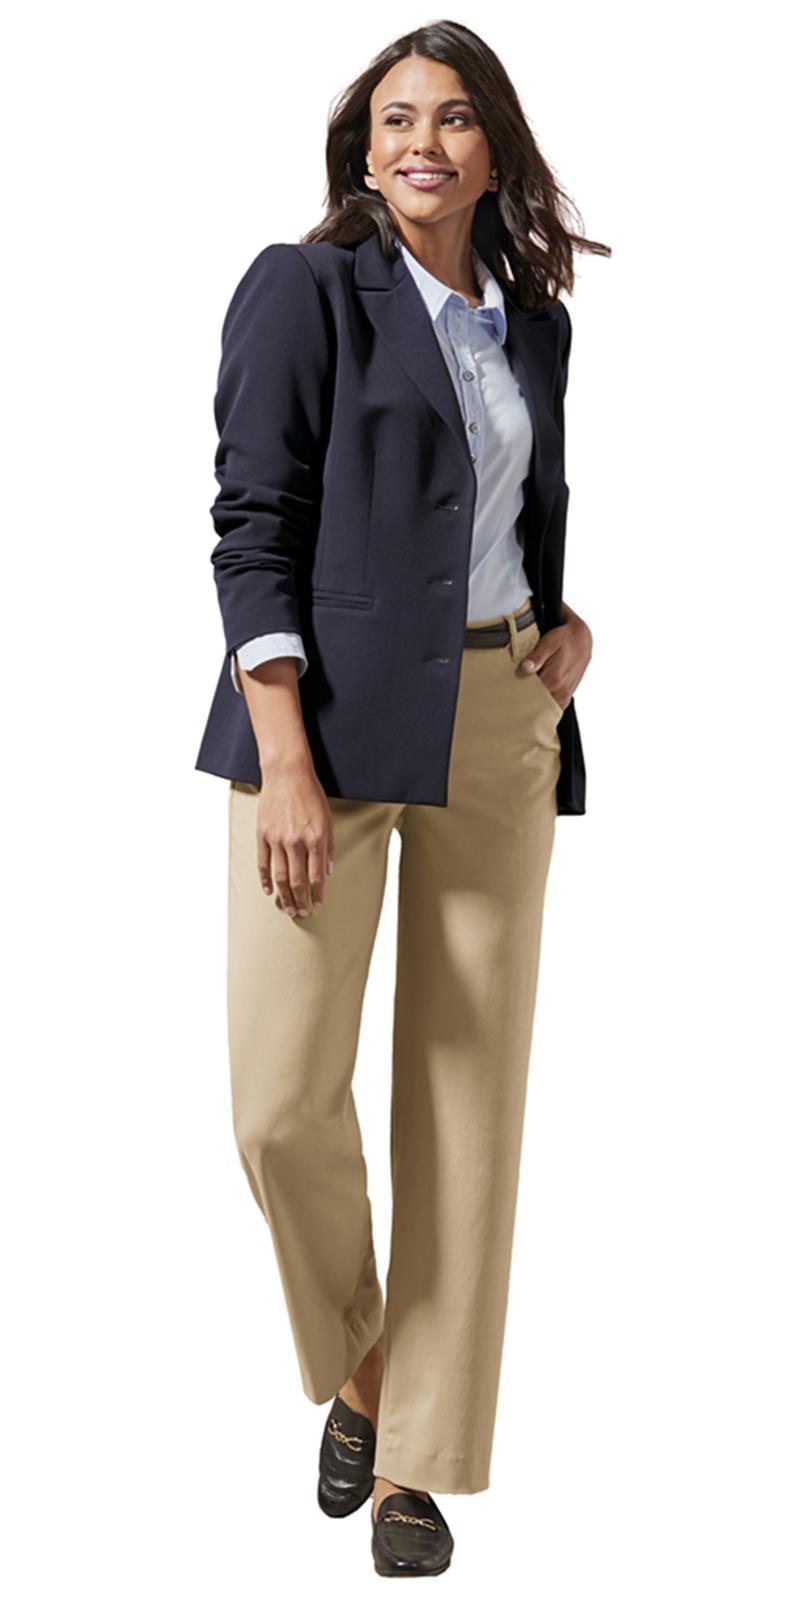 Eine große Frau mit dunklem Blazer trägt eine beige, lange Damenhose und flache Schuhe.